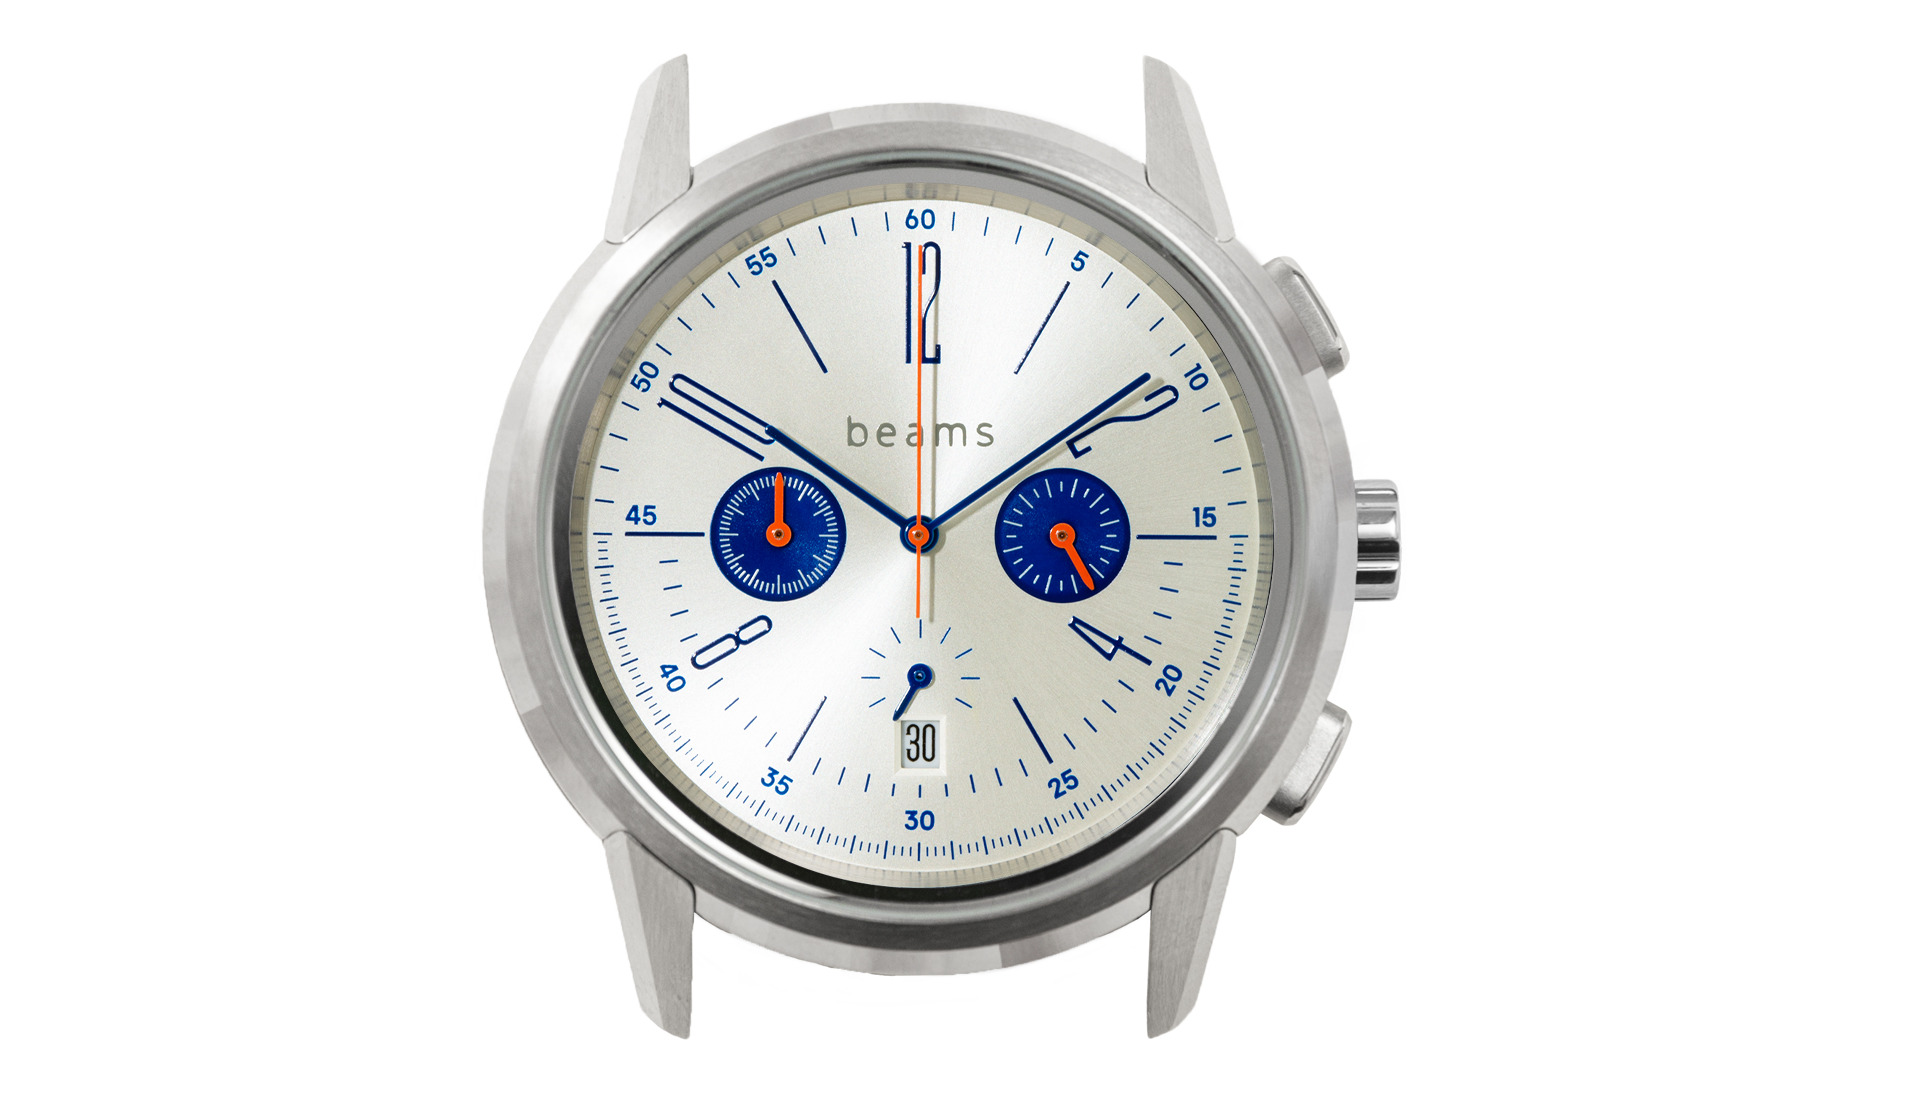 wena wrist Chronograph Classic Silver head beams edition (ウェナリスト クロノグラフ クラシック シルバー ヘッド ビームスエディション)